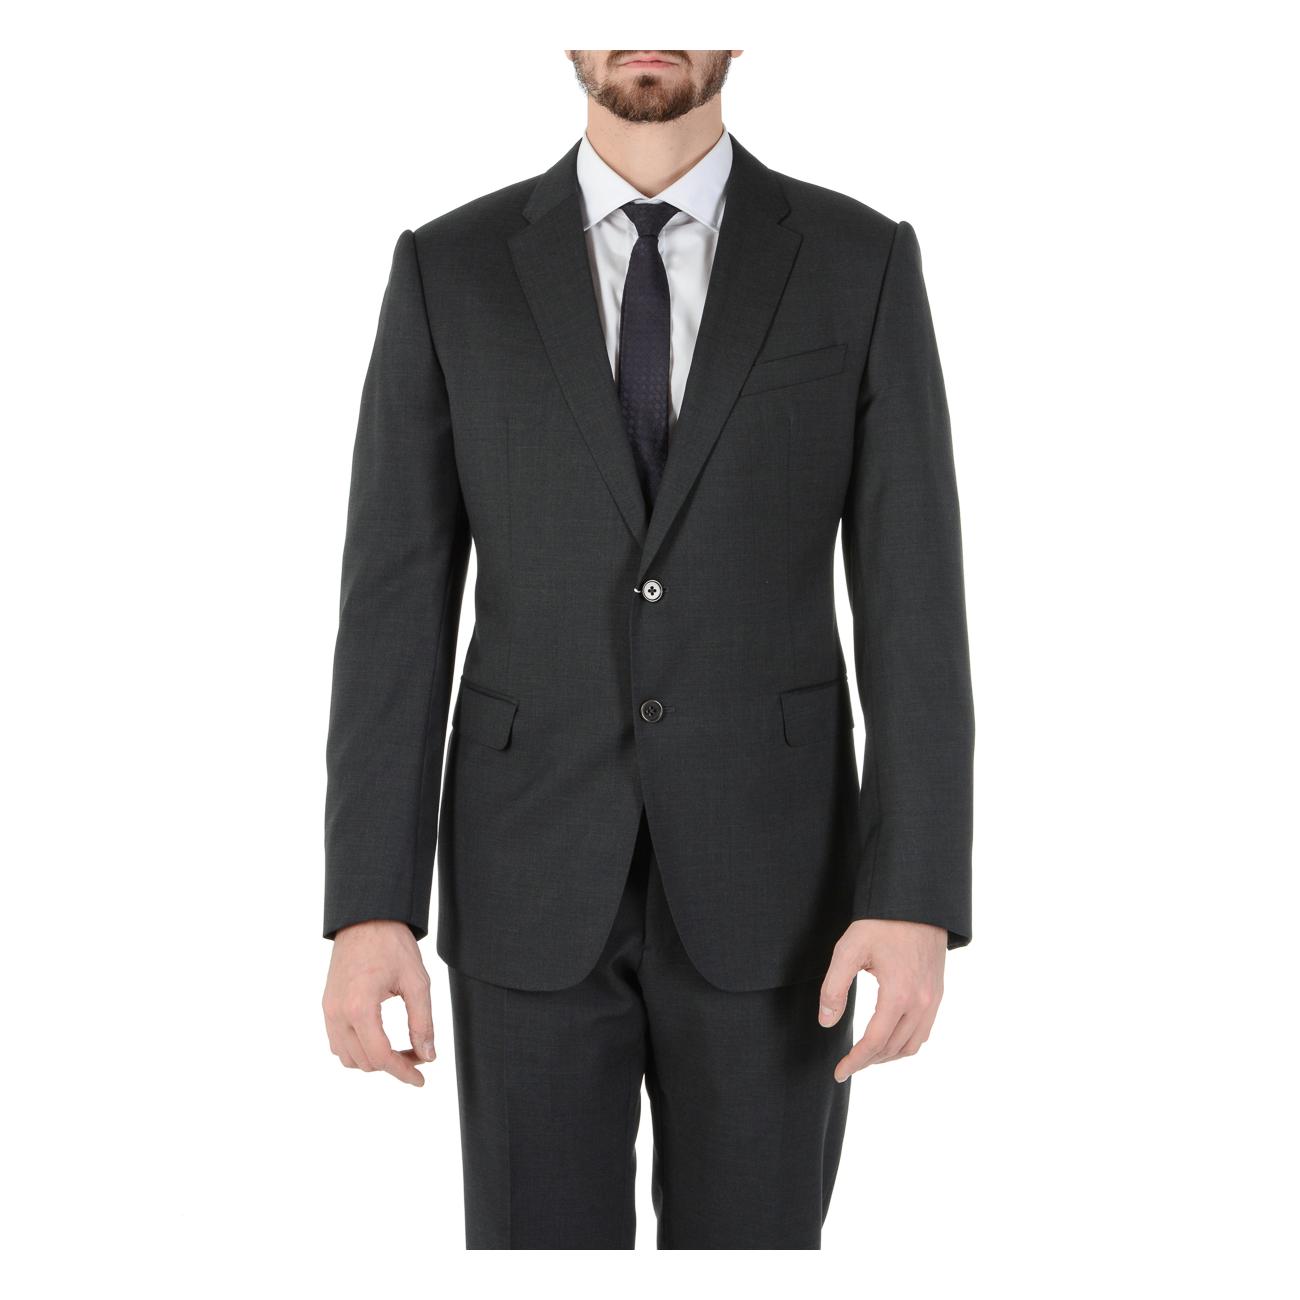 armani-collezioni-mens-suit-black-2